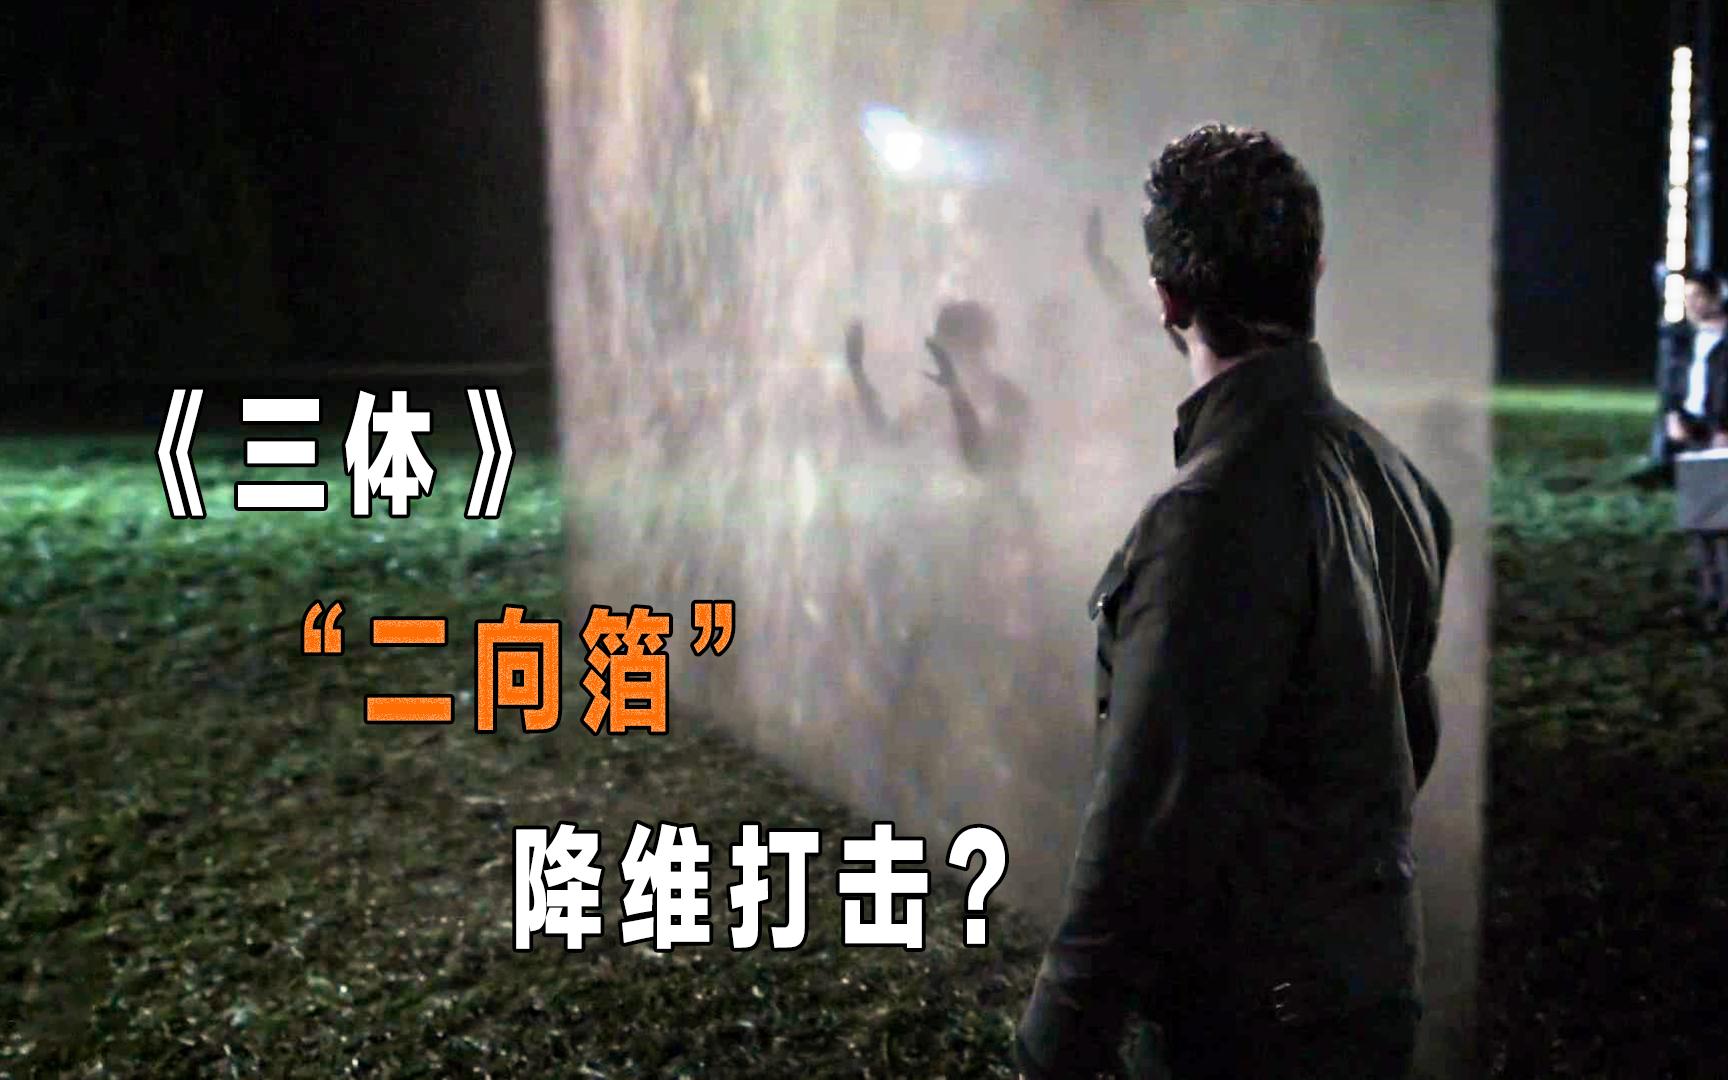 """《三体》中的""""二向箔""""降维打击出现,2021悬疑科幻《残骸》第三期"""